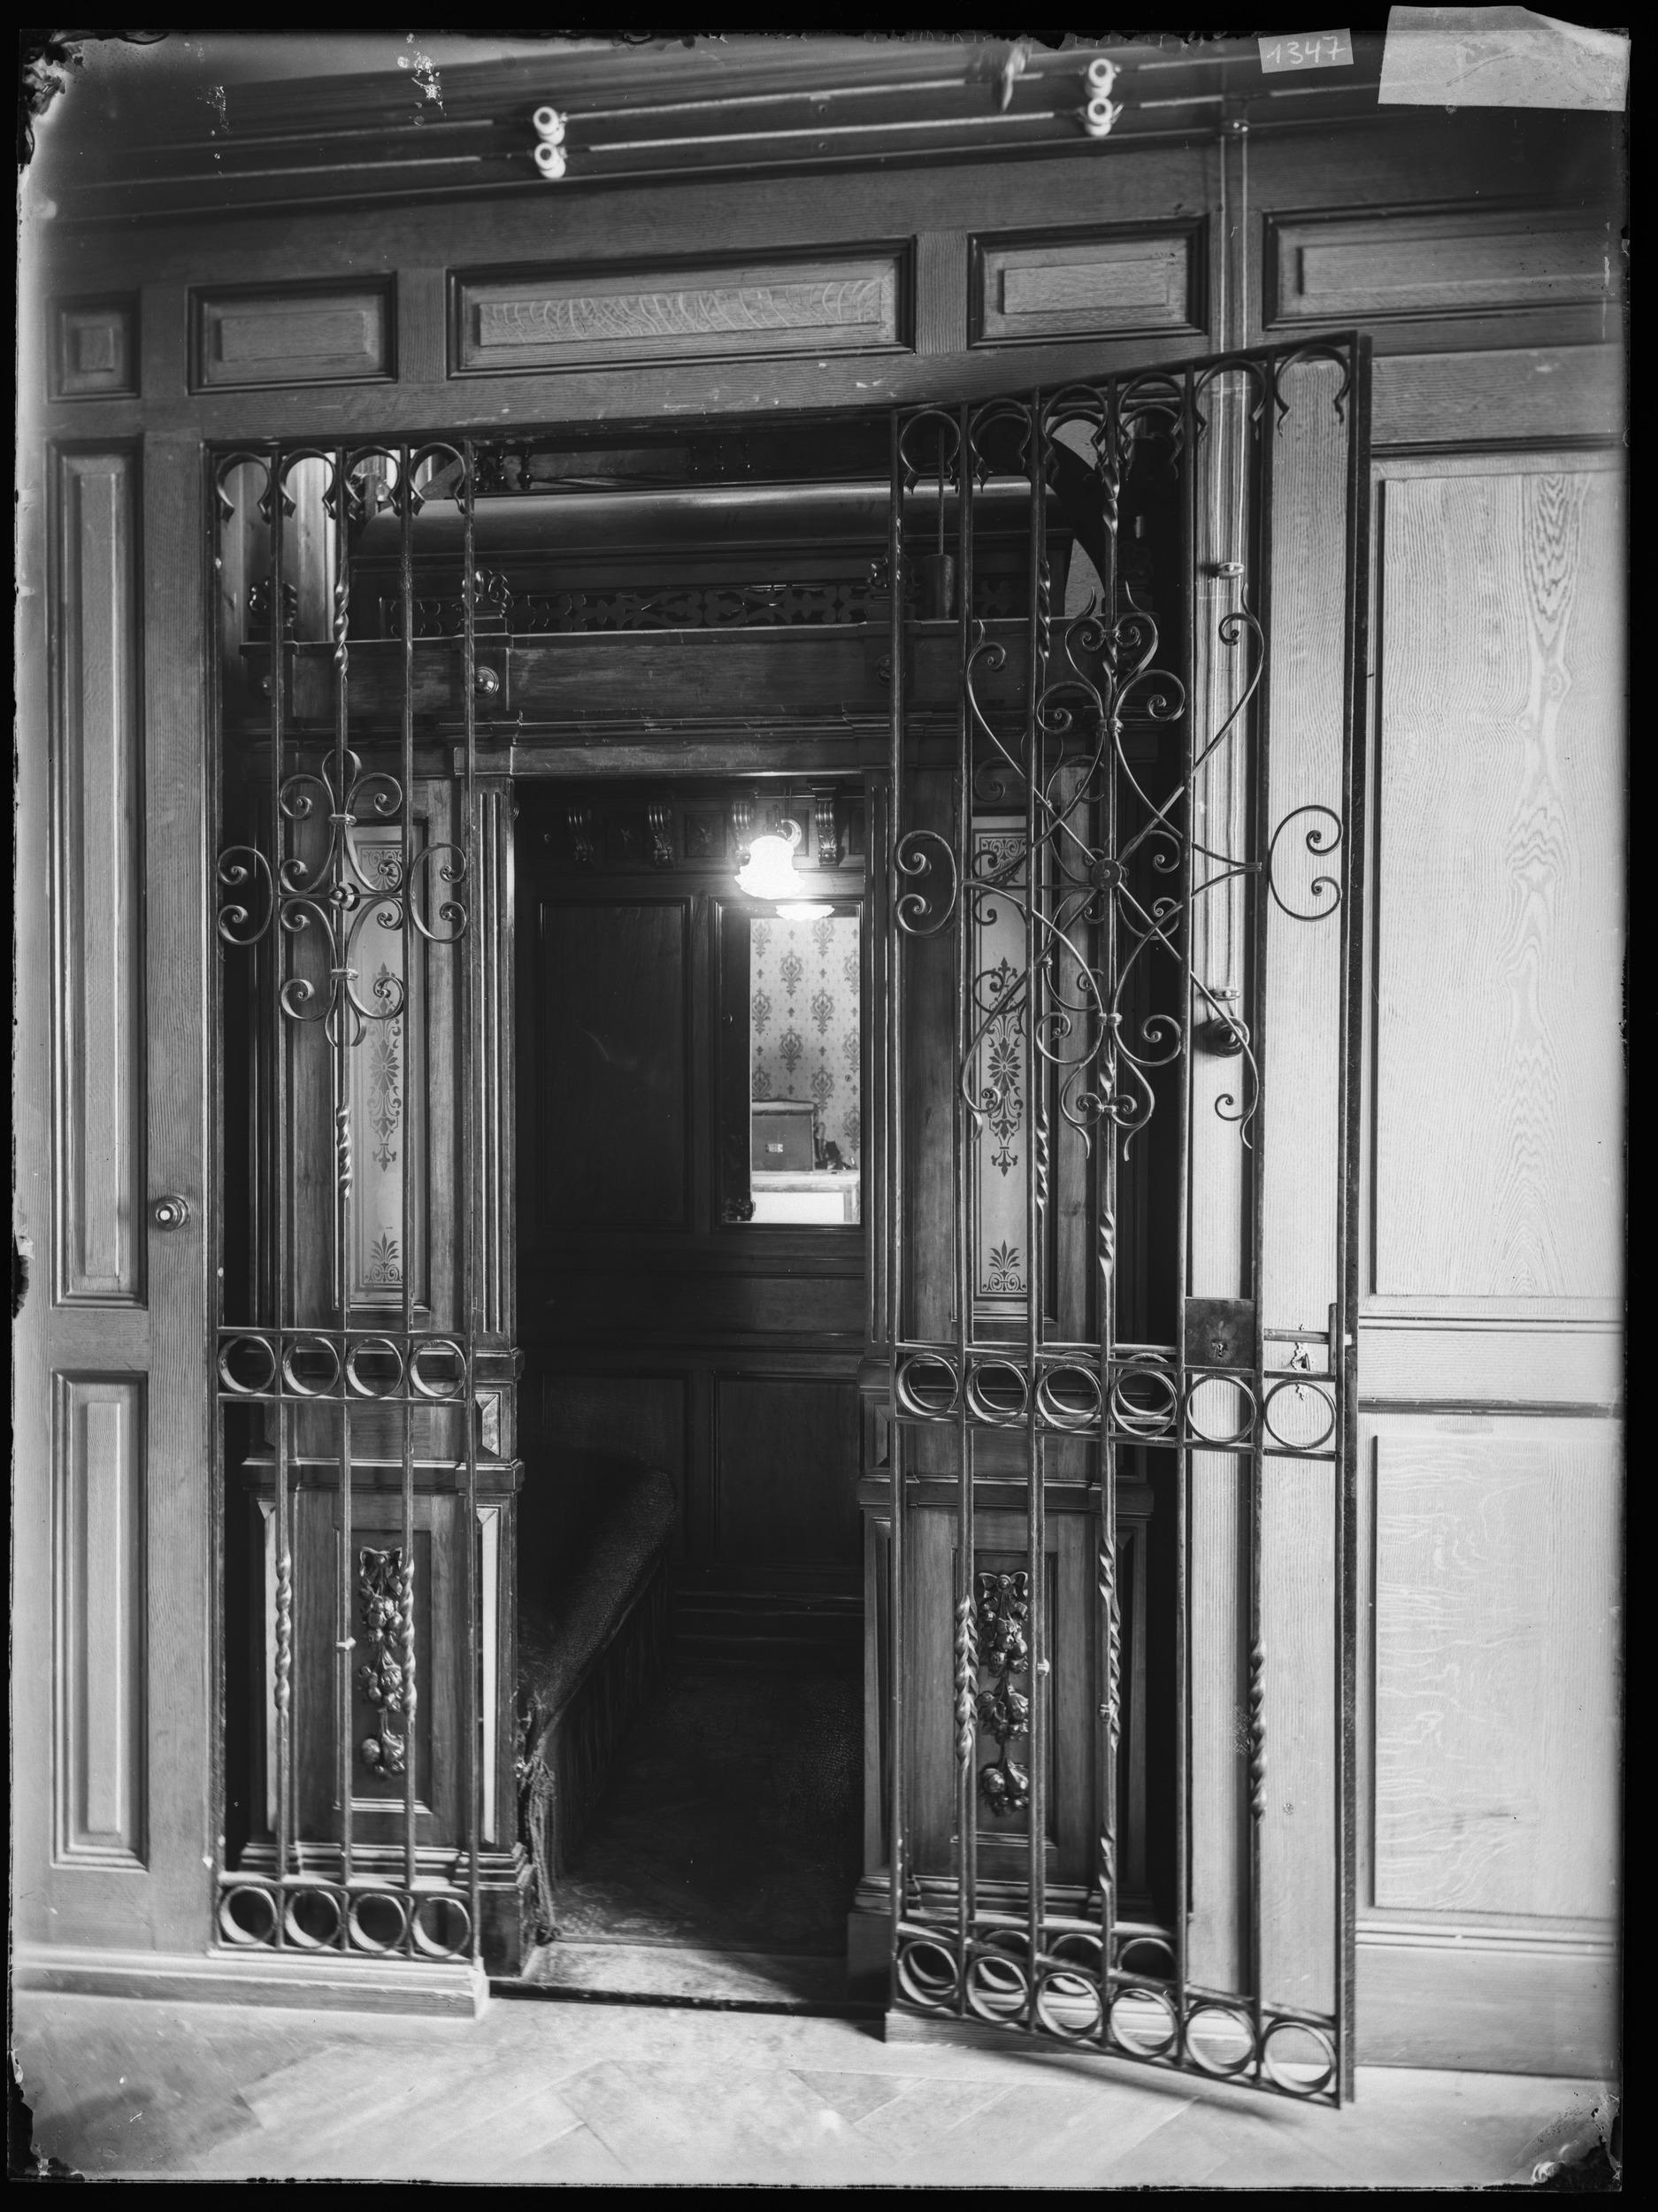 Lift aus dem Verenahof oder Limmathof. Stadtarchiv Baden, Fotohaus Zipser, Q.12.1.1347, CC BY-SA 4.0.